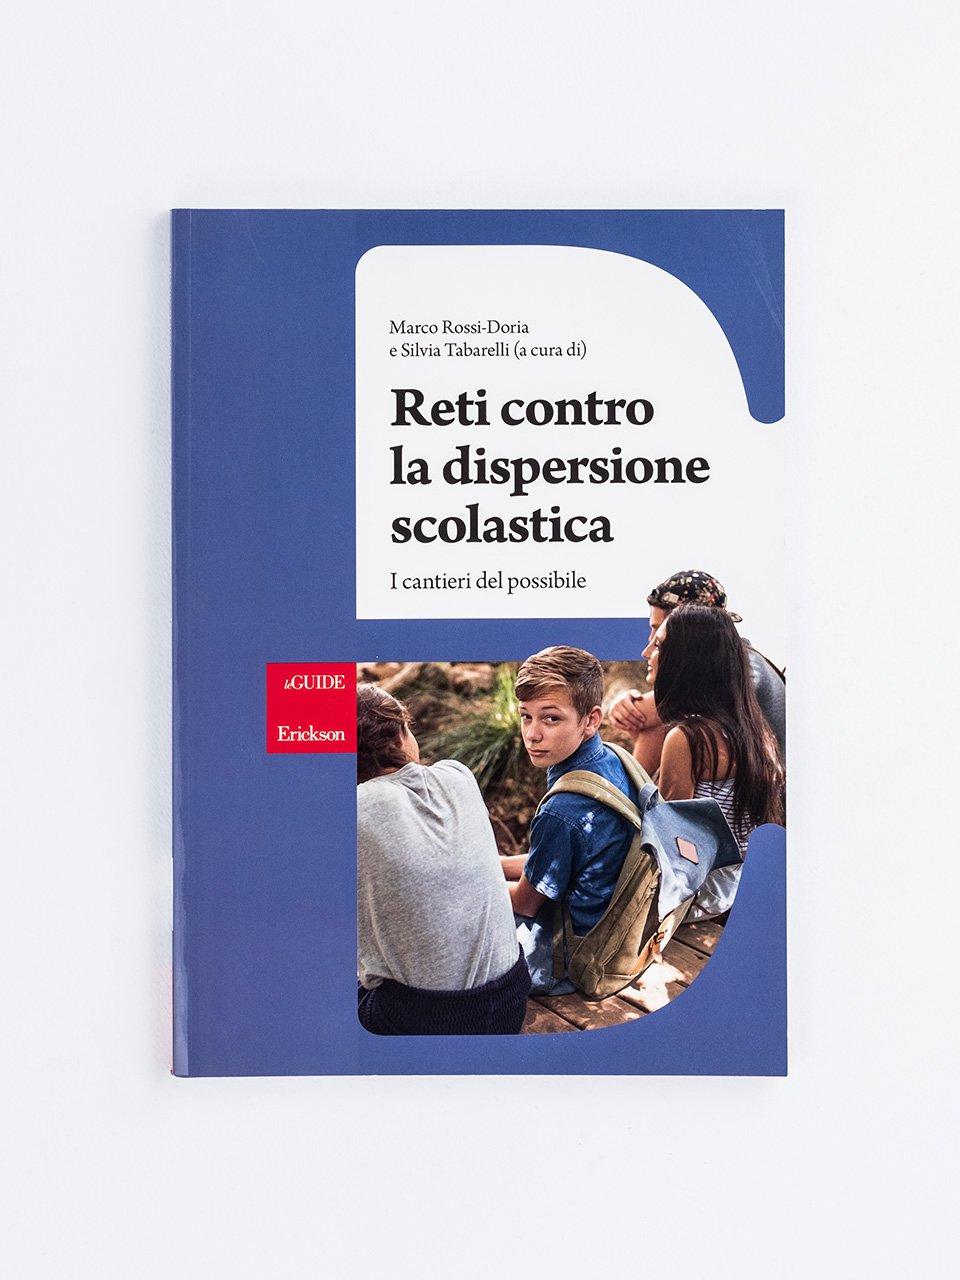 Reti contro la dispersione scolastica - Test TVD - Valutazione del disagio e dispersione s - Libri - Erickson